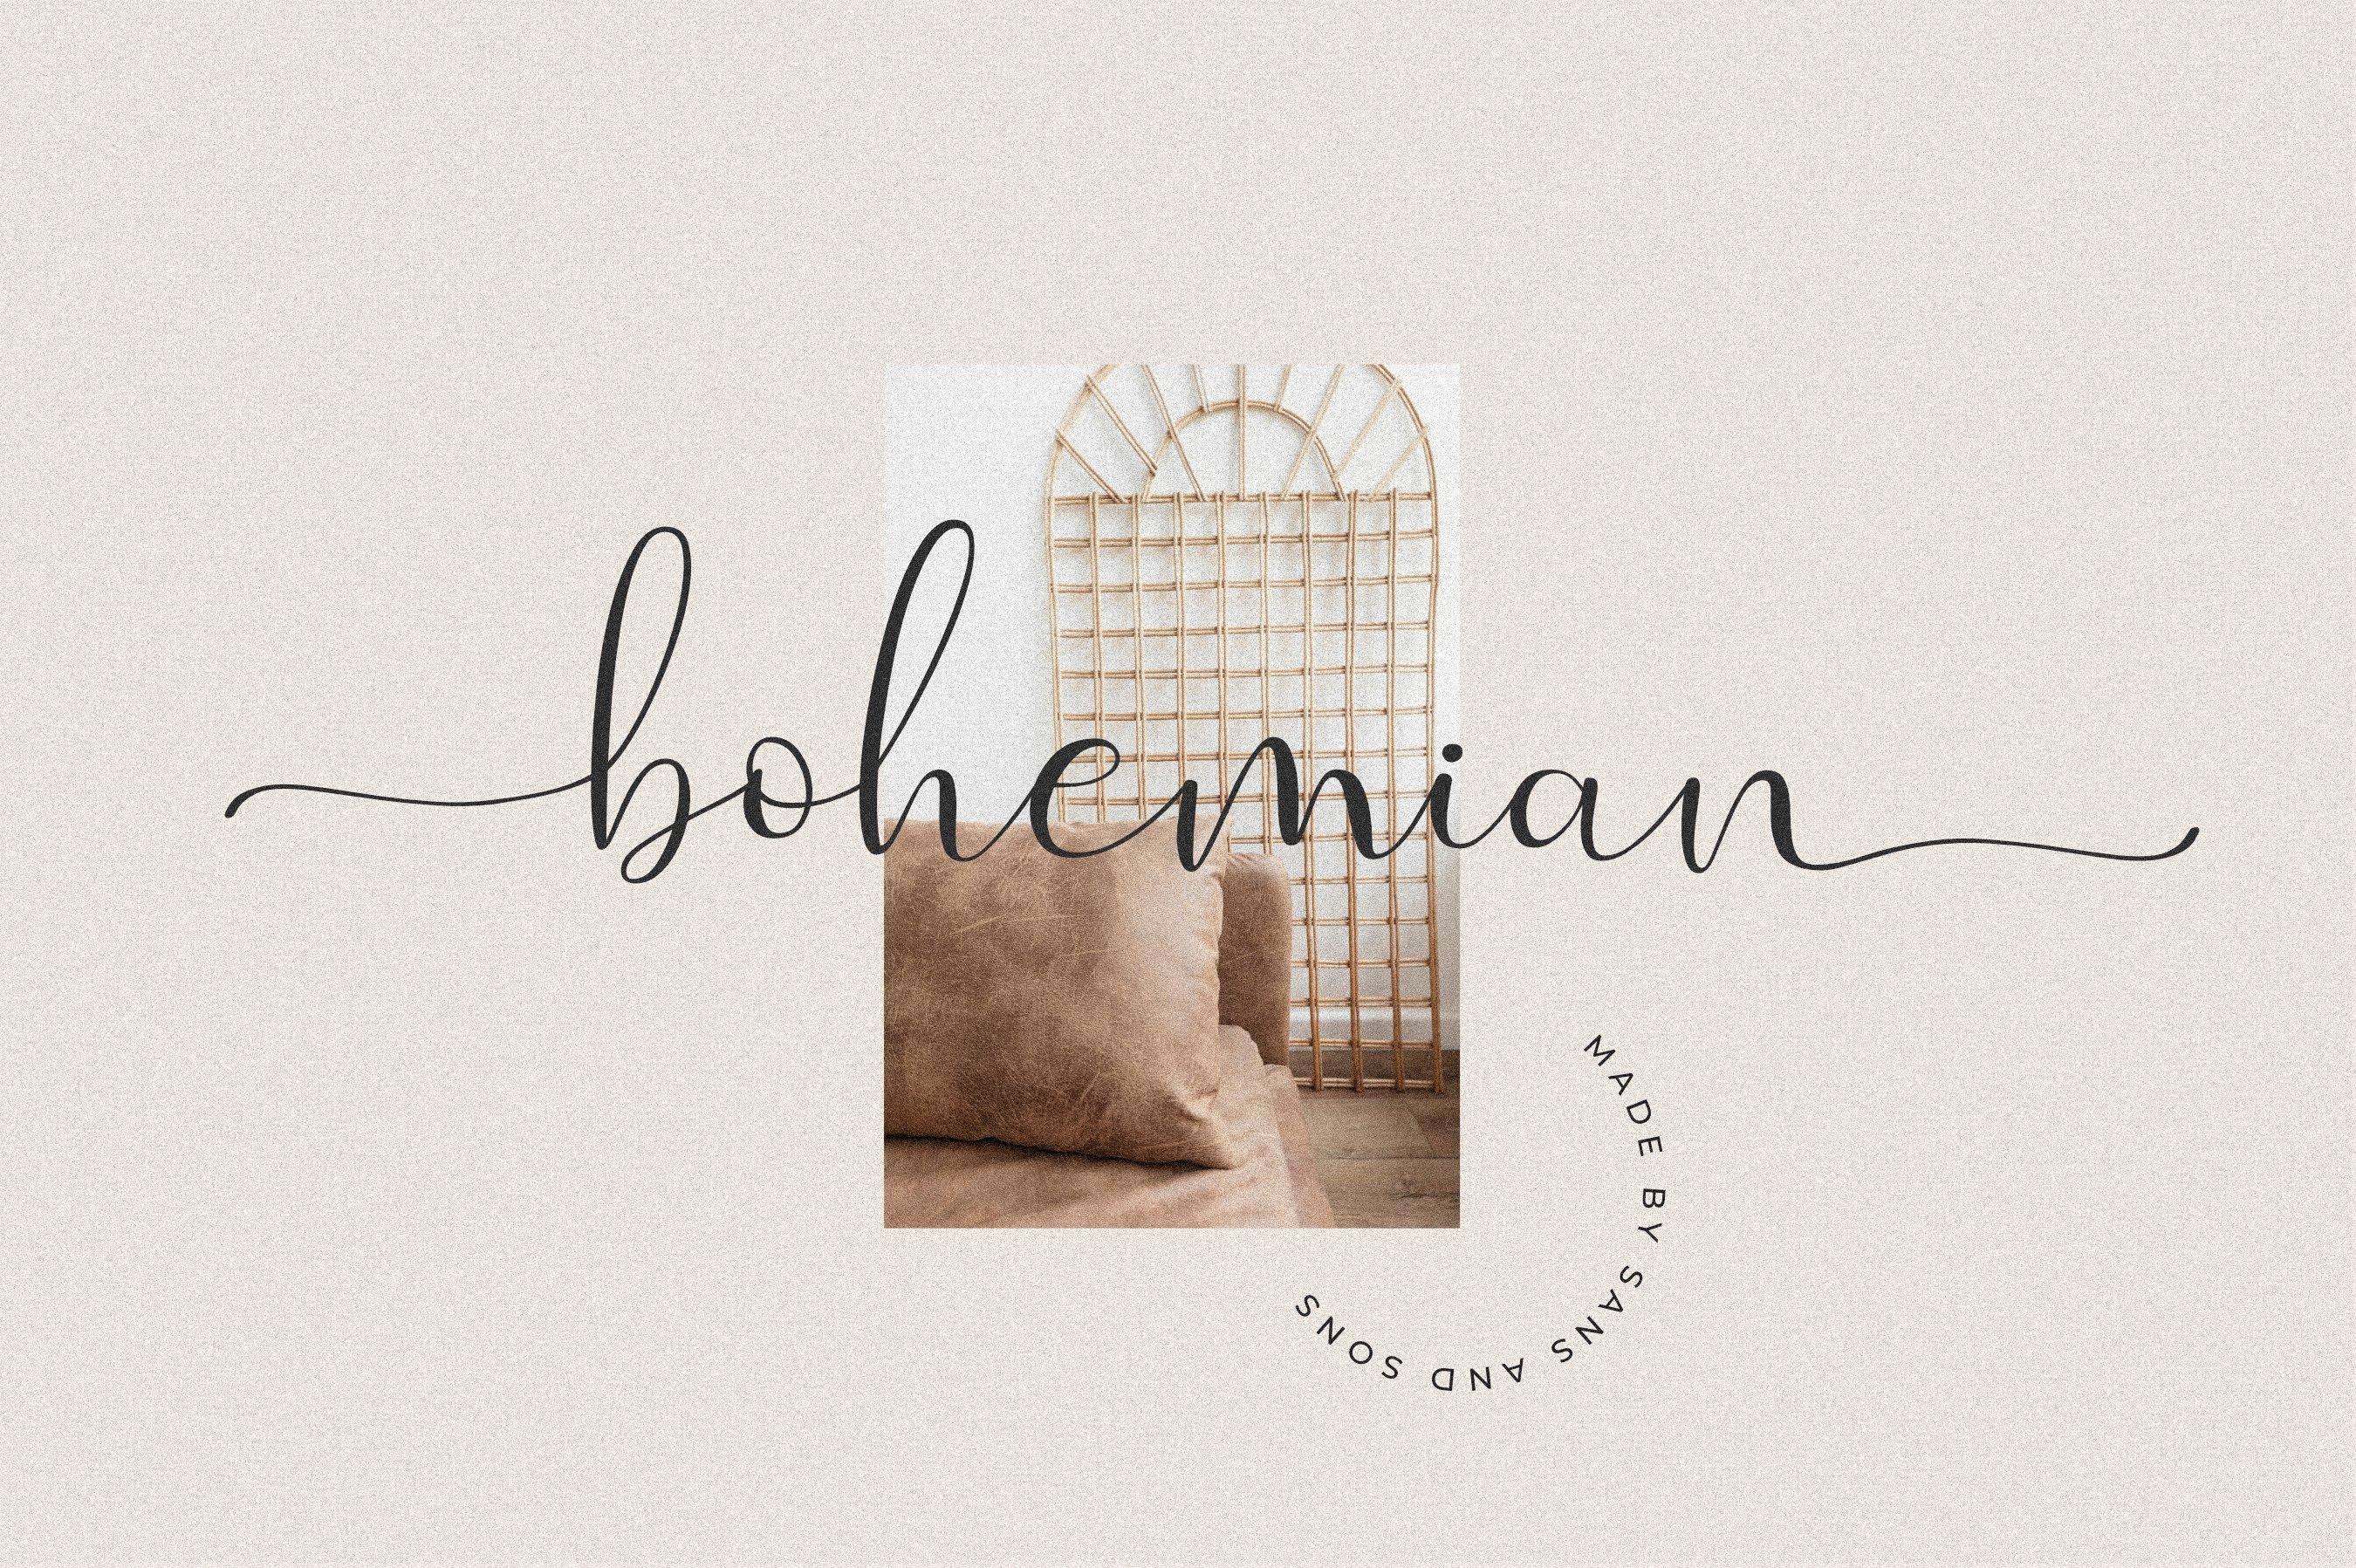 现代优雅品牌徽标Logo手写英文字体设计素材 Evangelina Font插图2